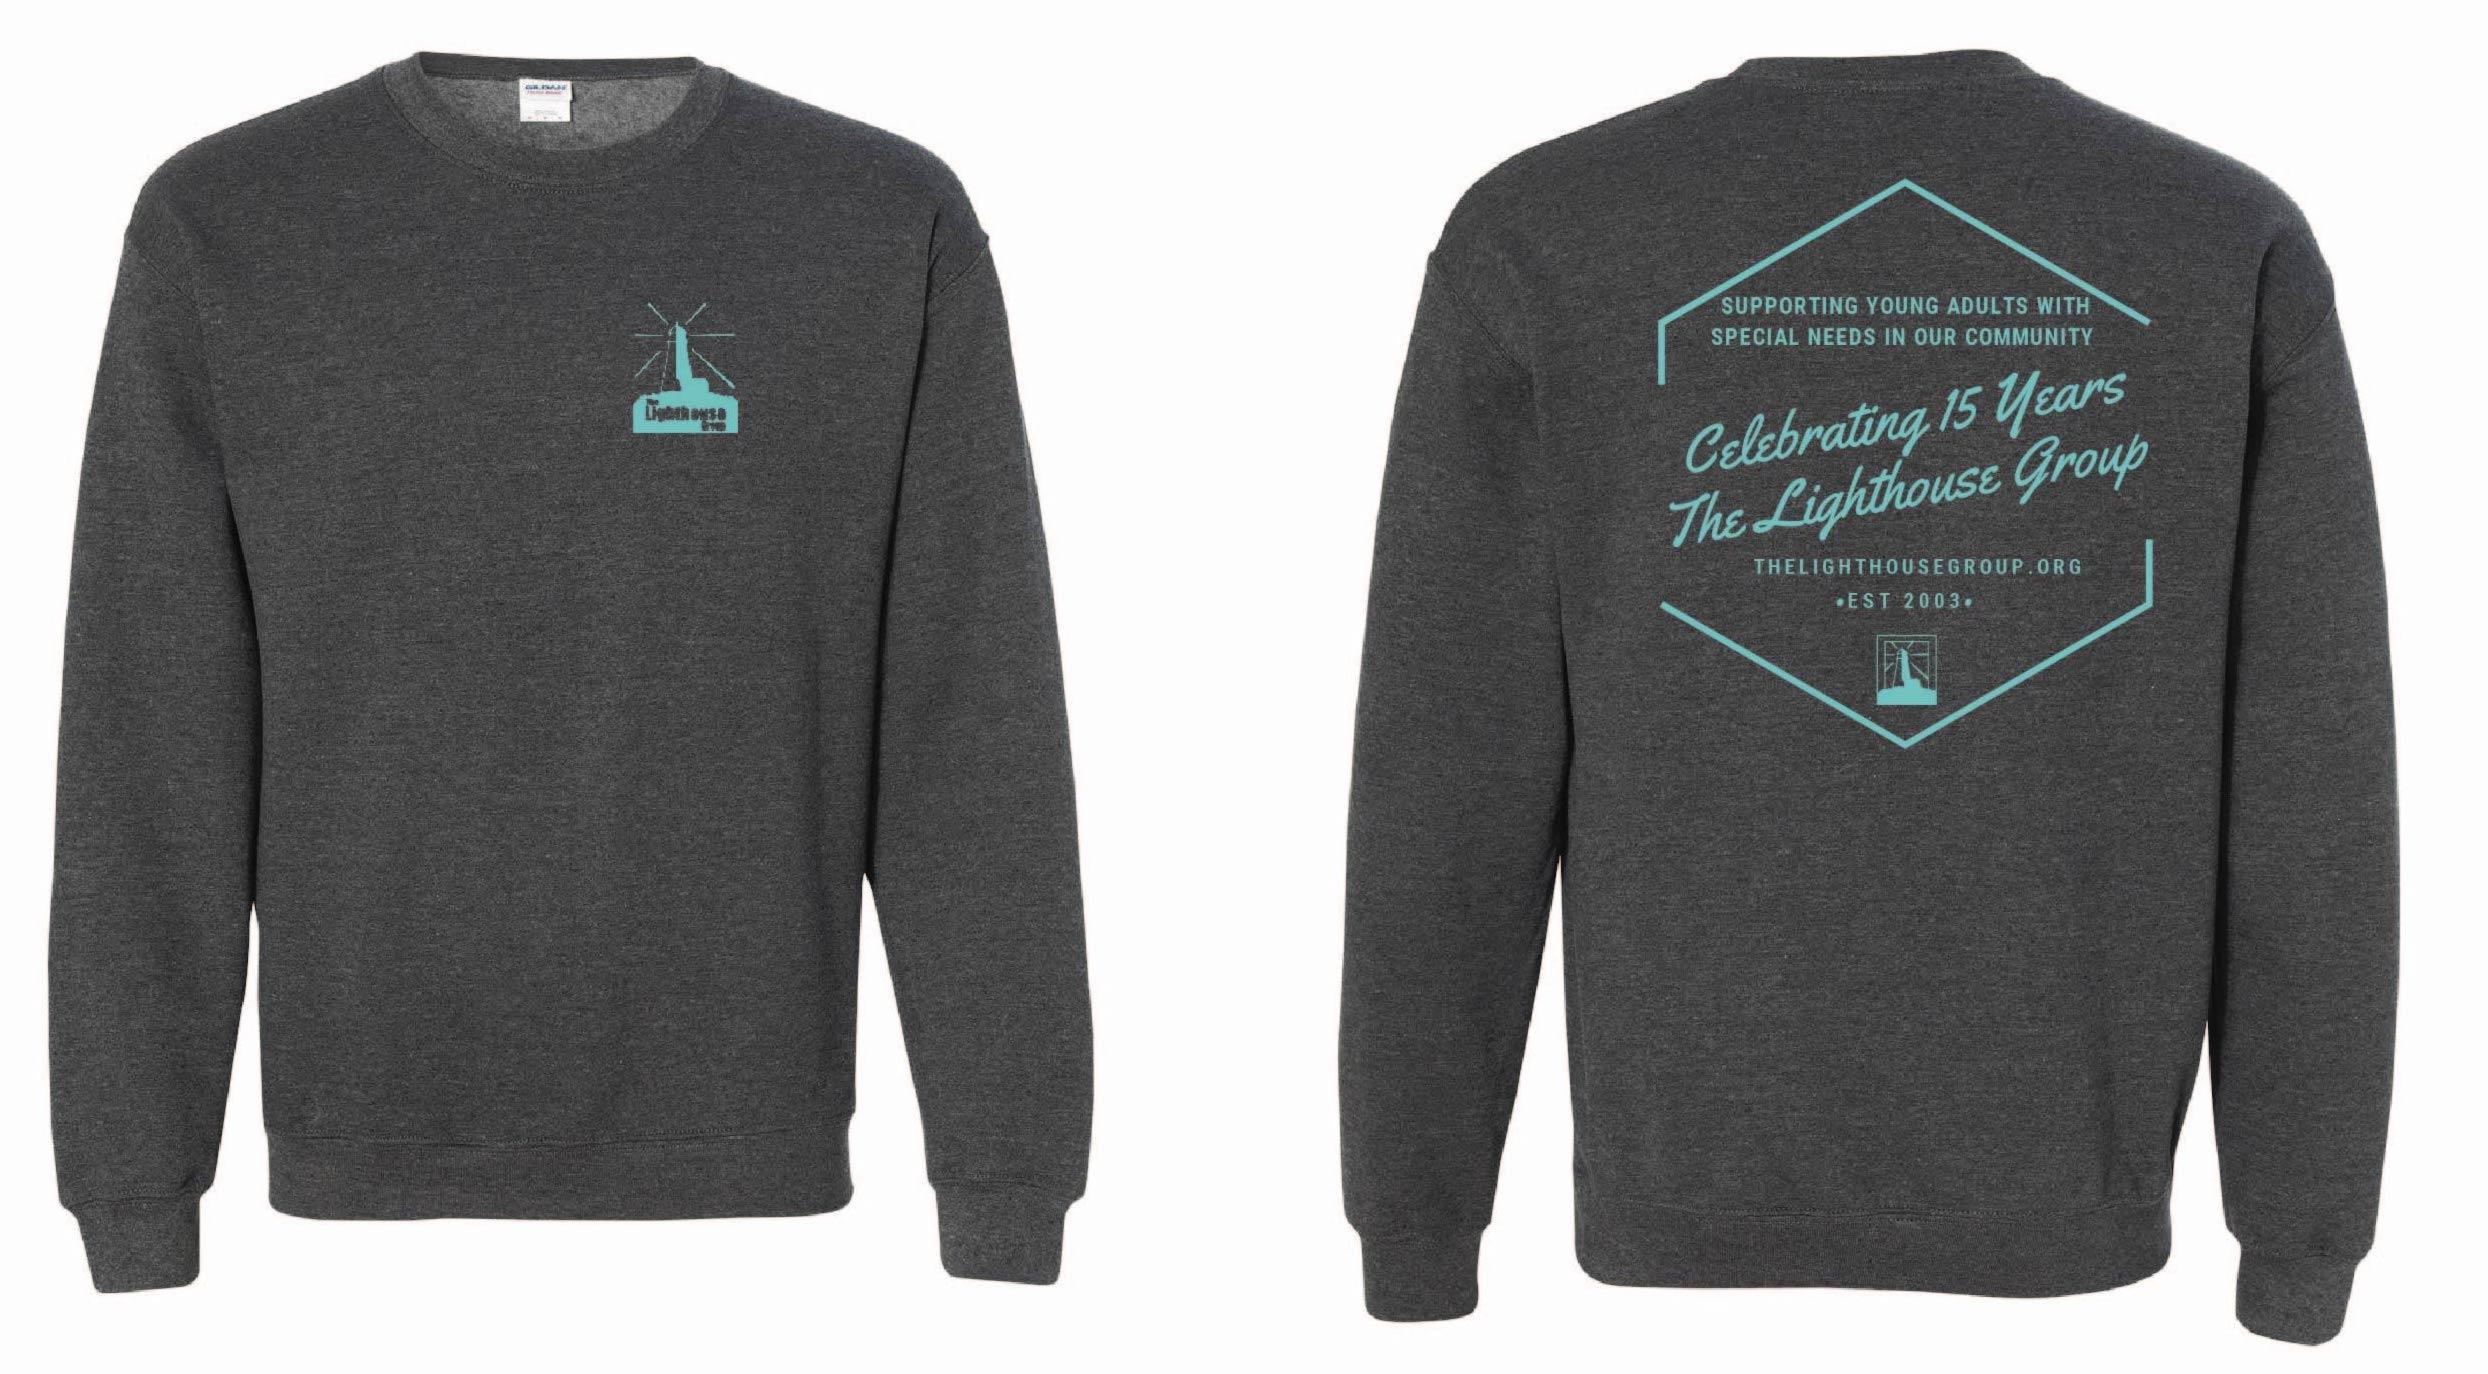 LH 15 year sweatshirts 2 copy.jpg